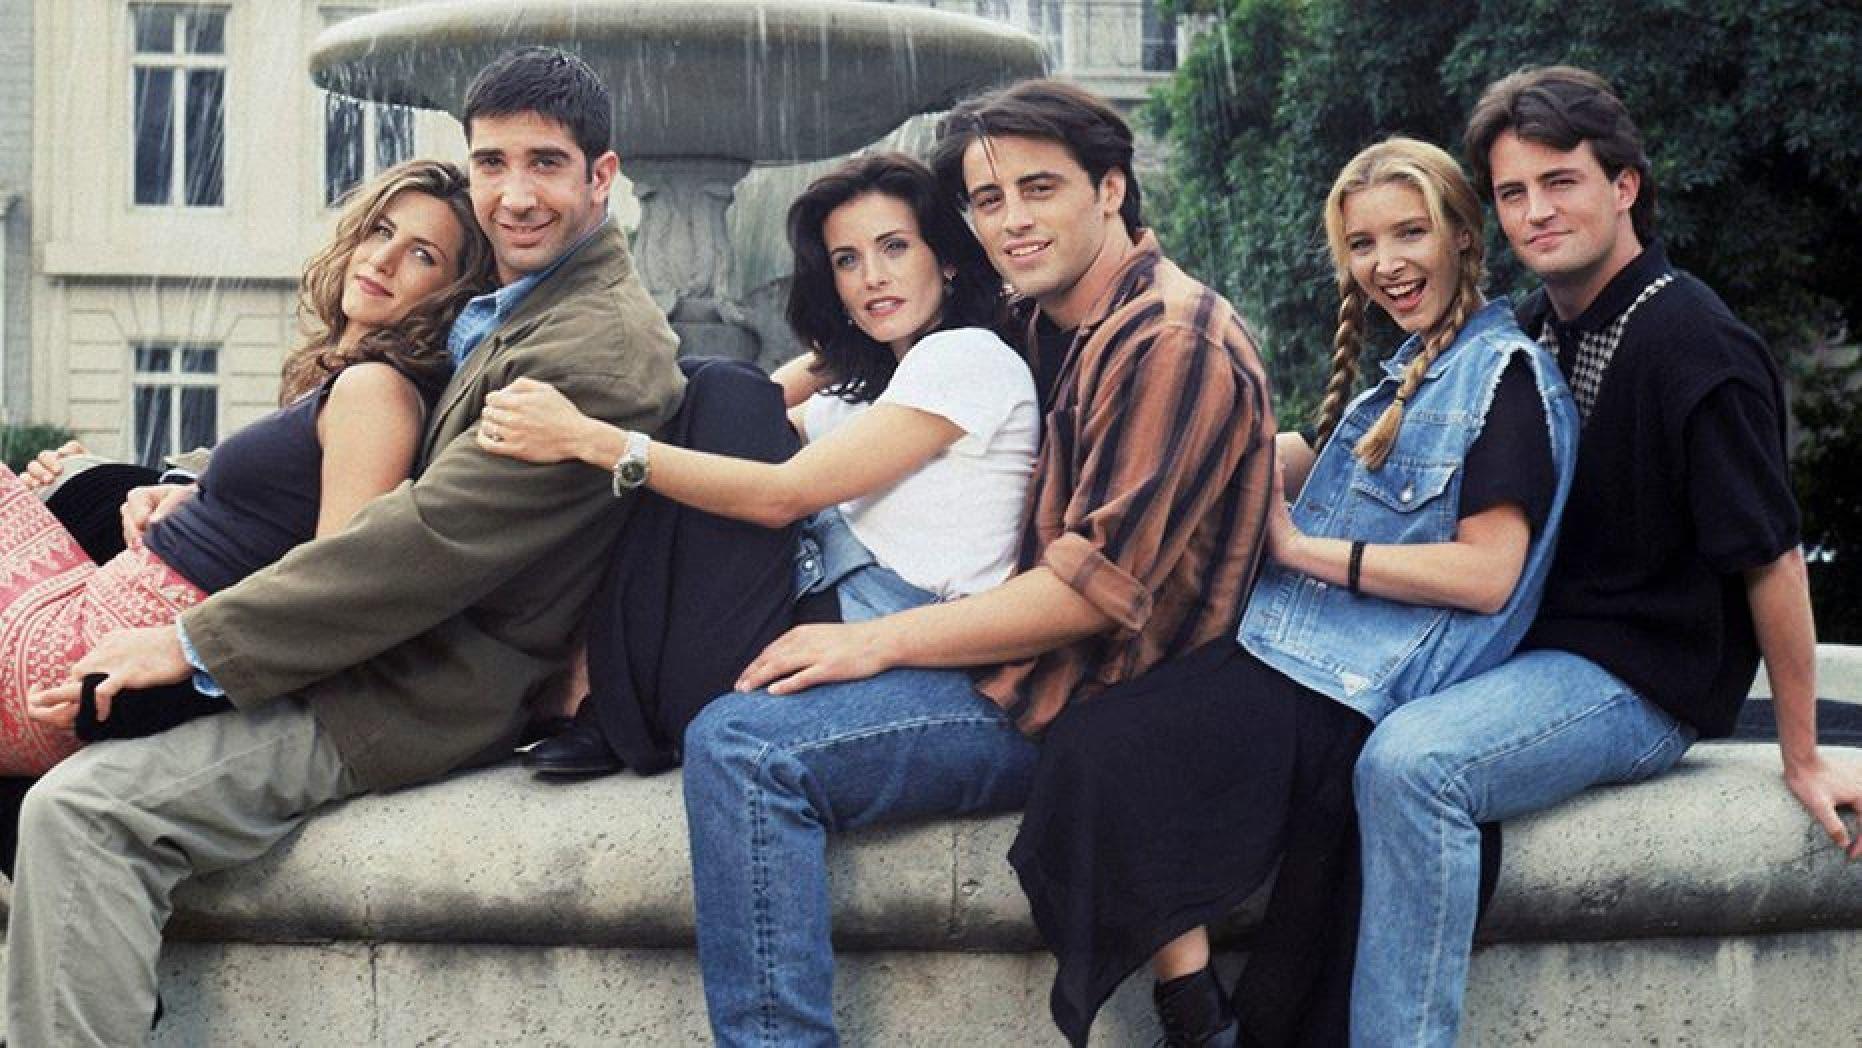 Jennifer Aniston as Rachel Green, David Schwimmer as Ross Geller, Courteney Cox as Monica Geller, Matt LeBlanc as Joey Tribbiani, Lisa Kudrow as Phoebe Buffay, Matthew Perry as Chandler Bing.